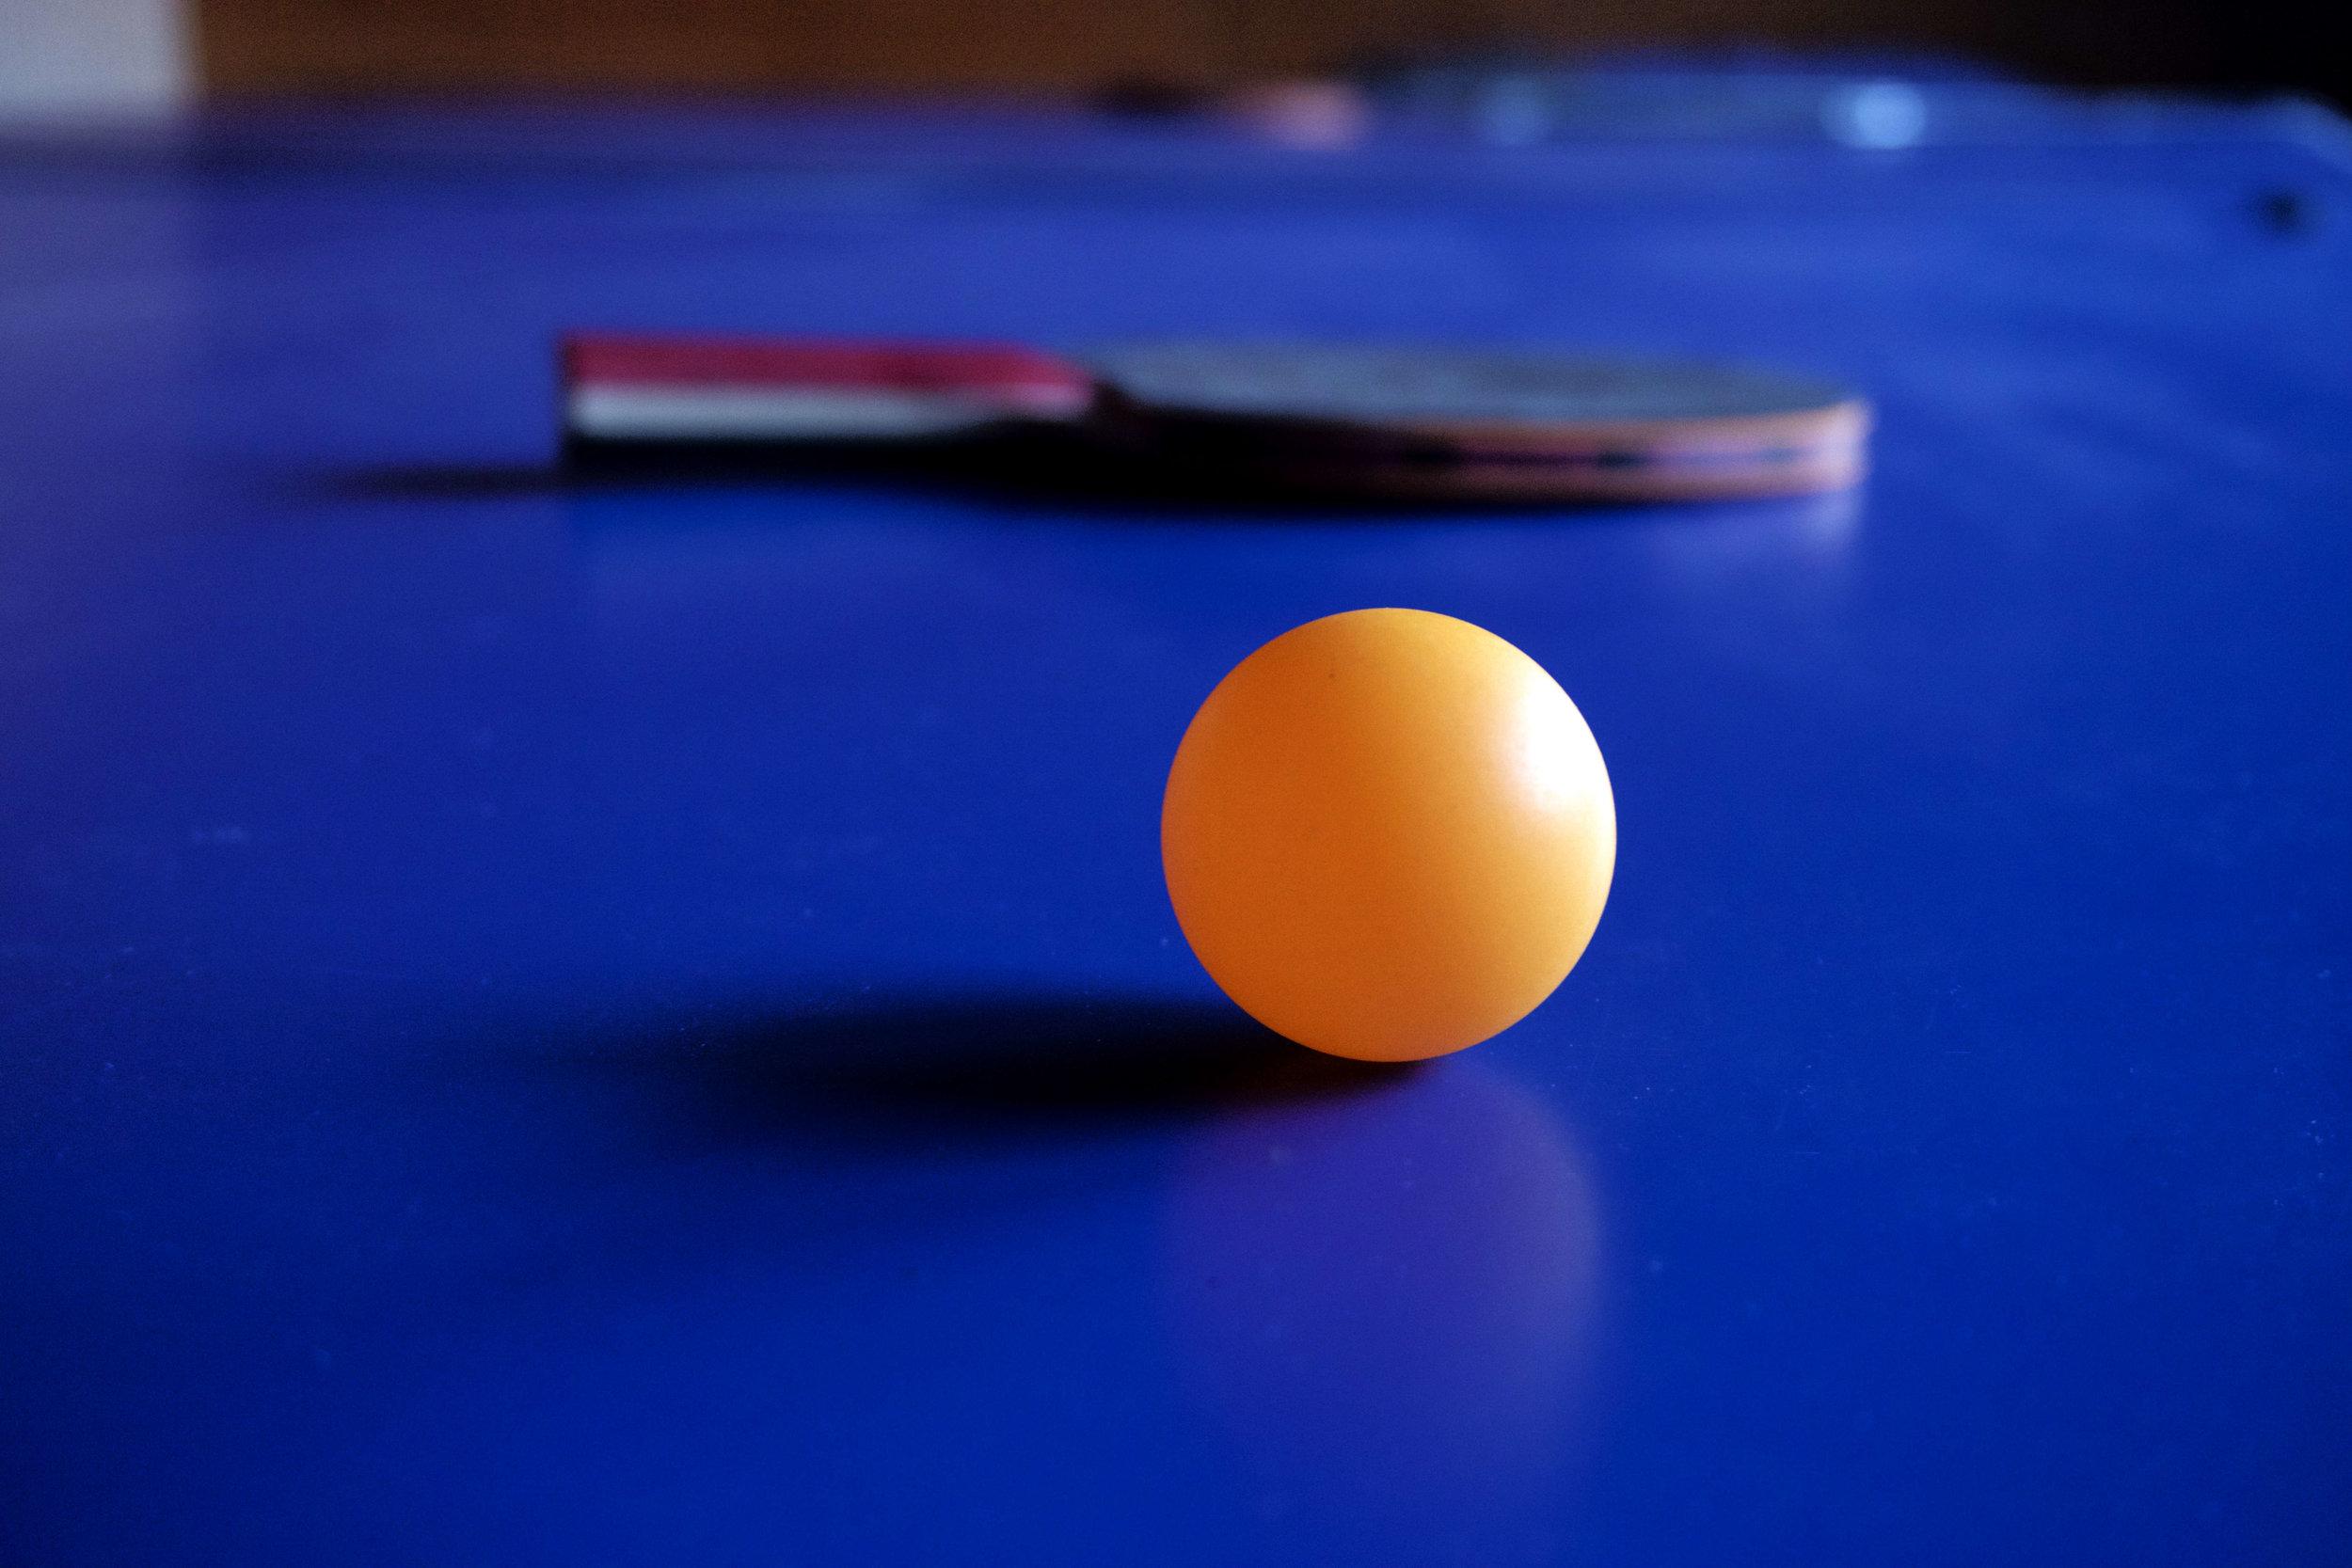 table tennis bat ball